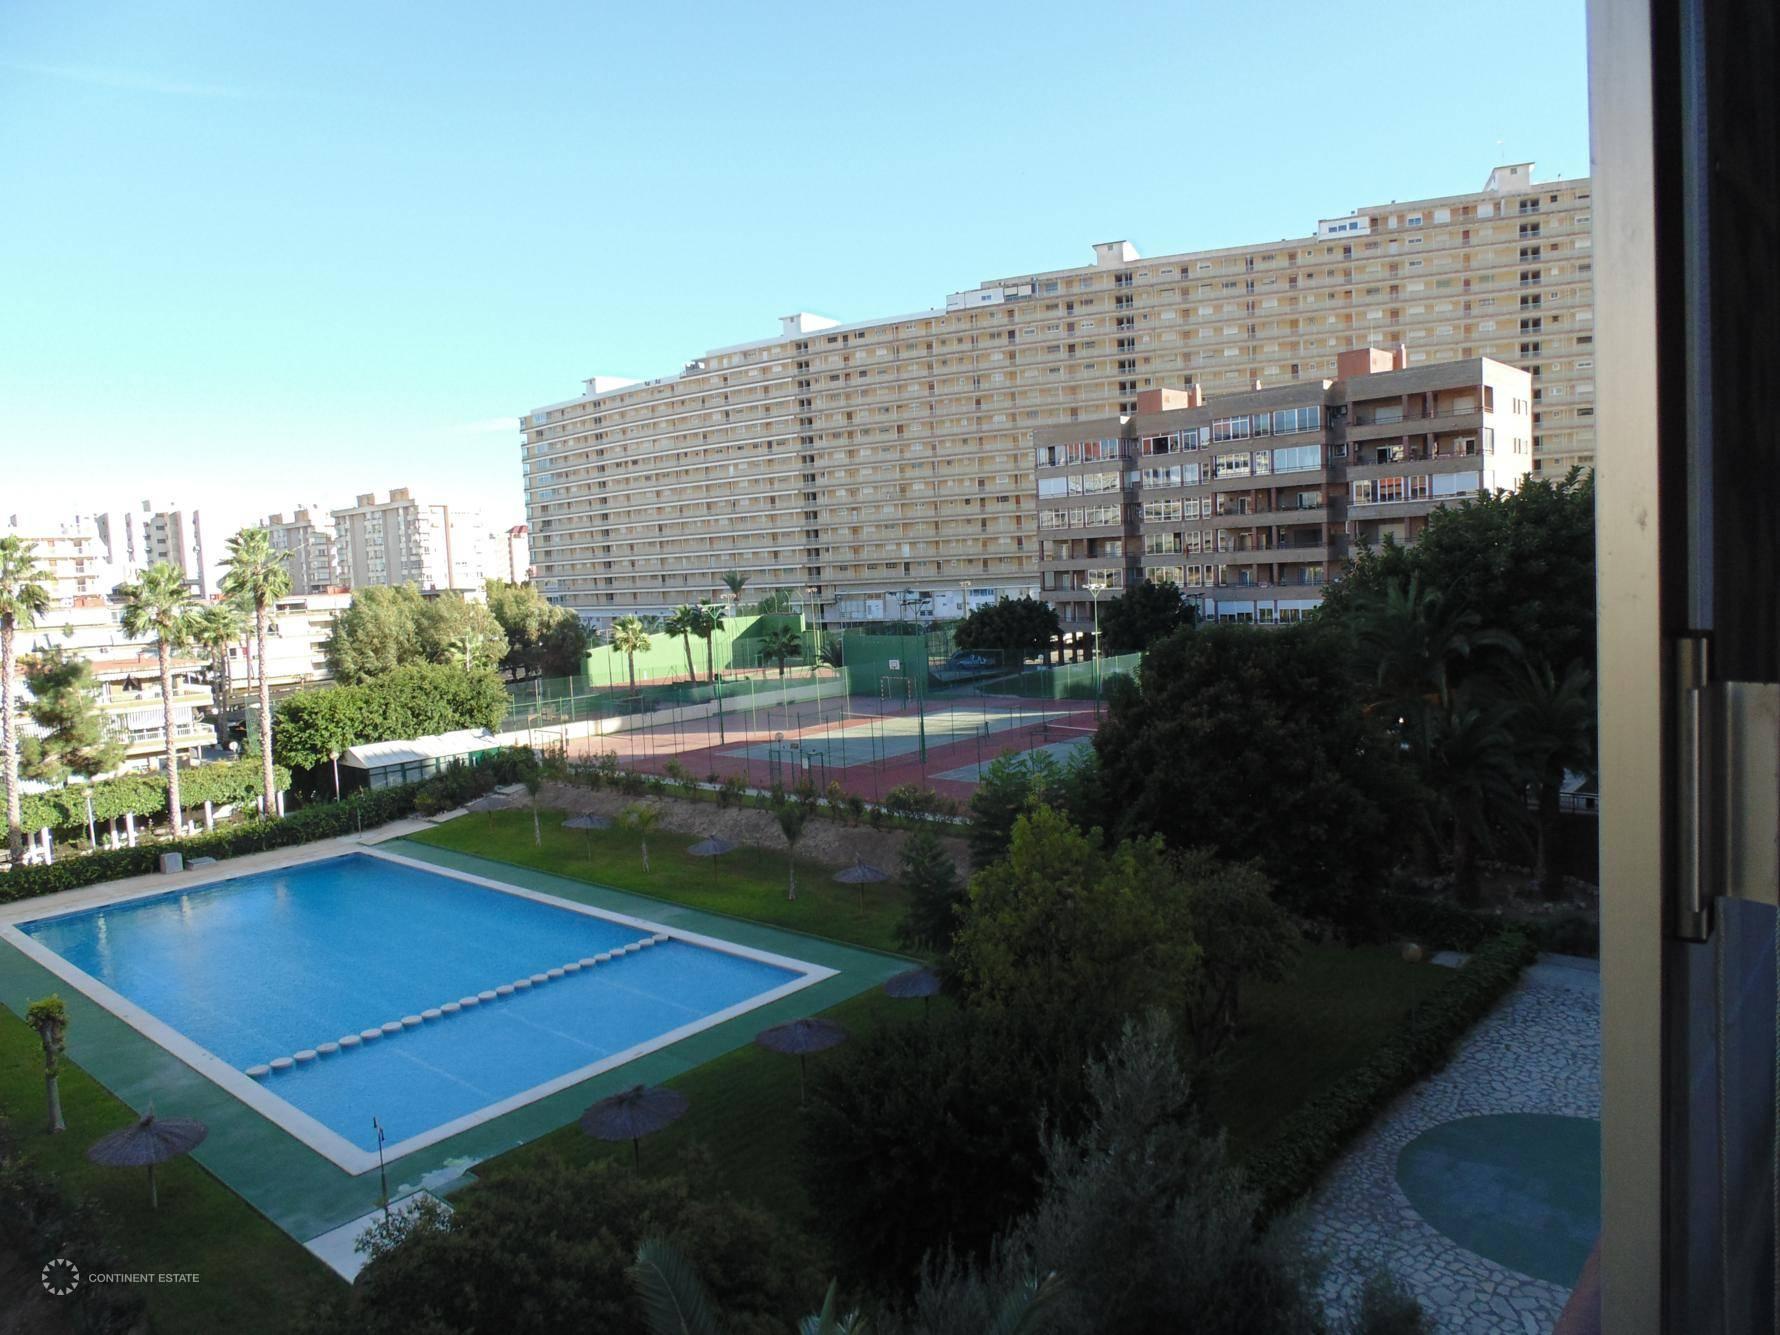 Купить квартиру в городе аликанте испания фото